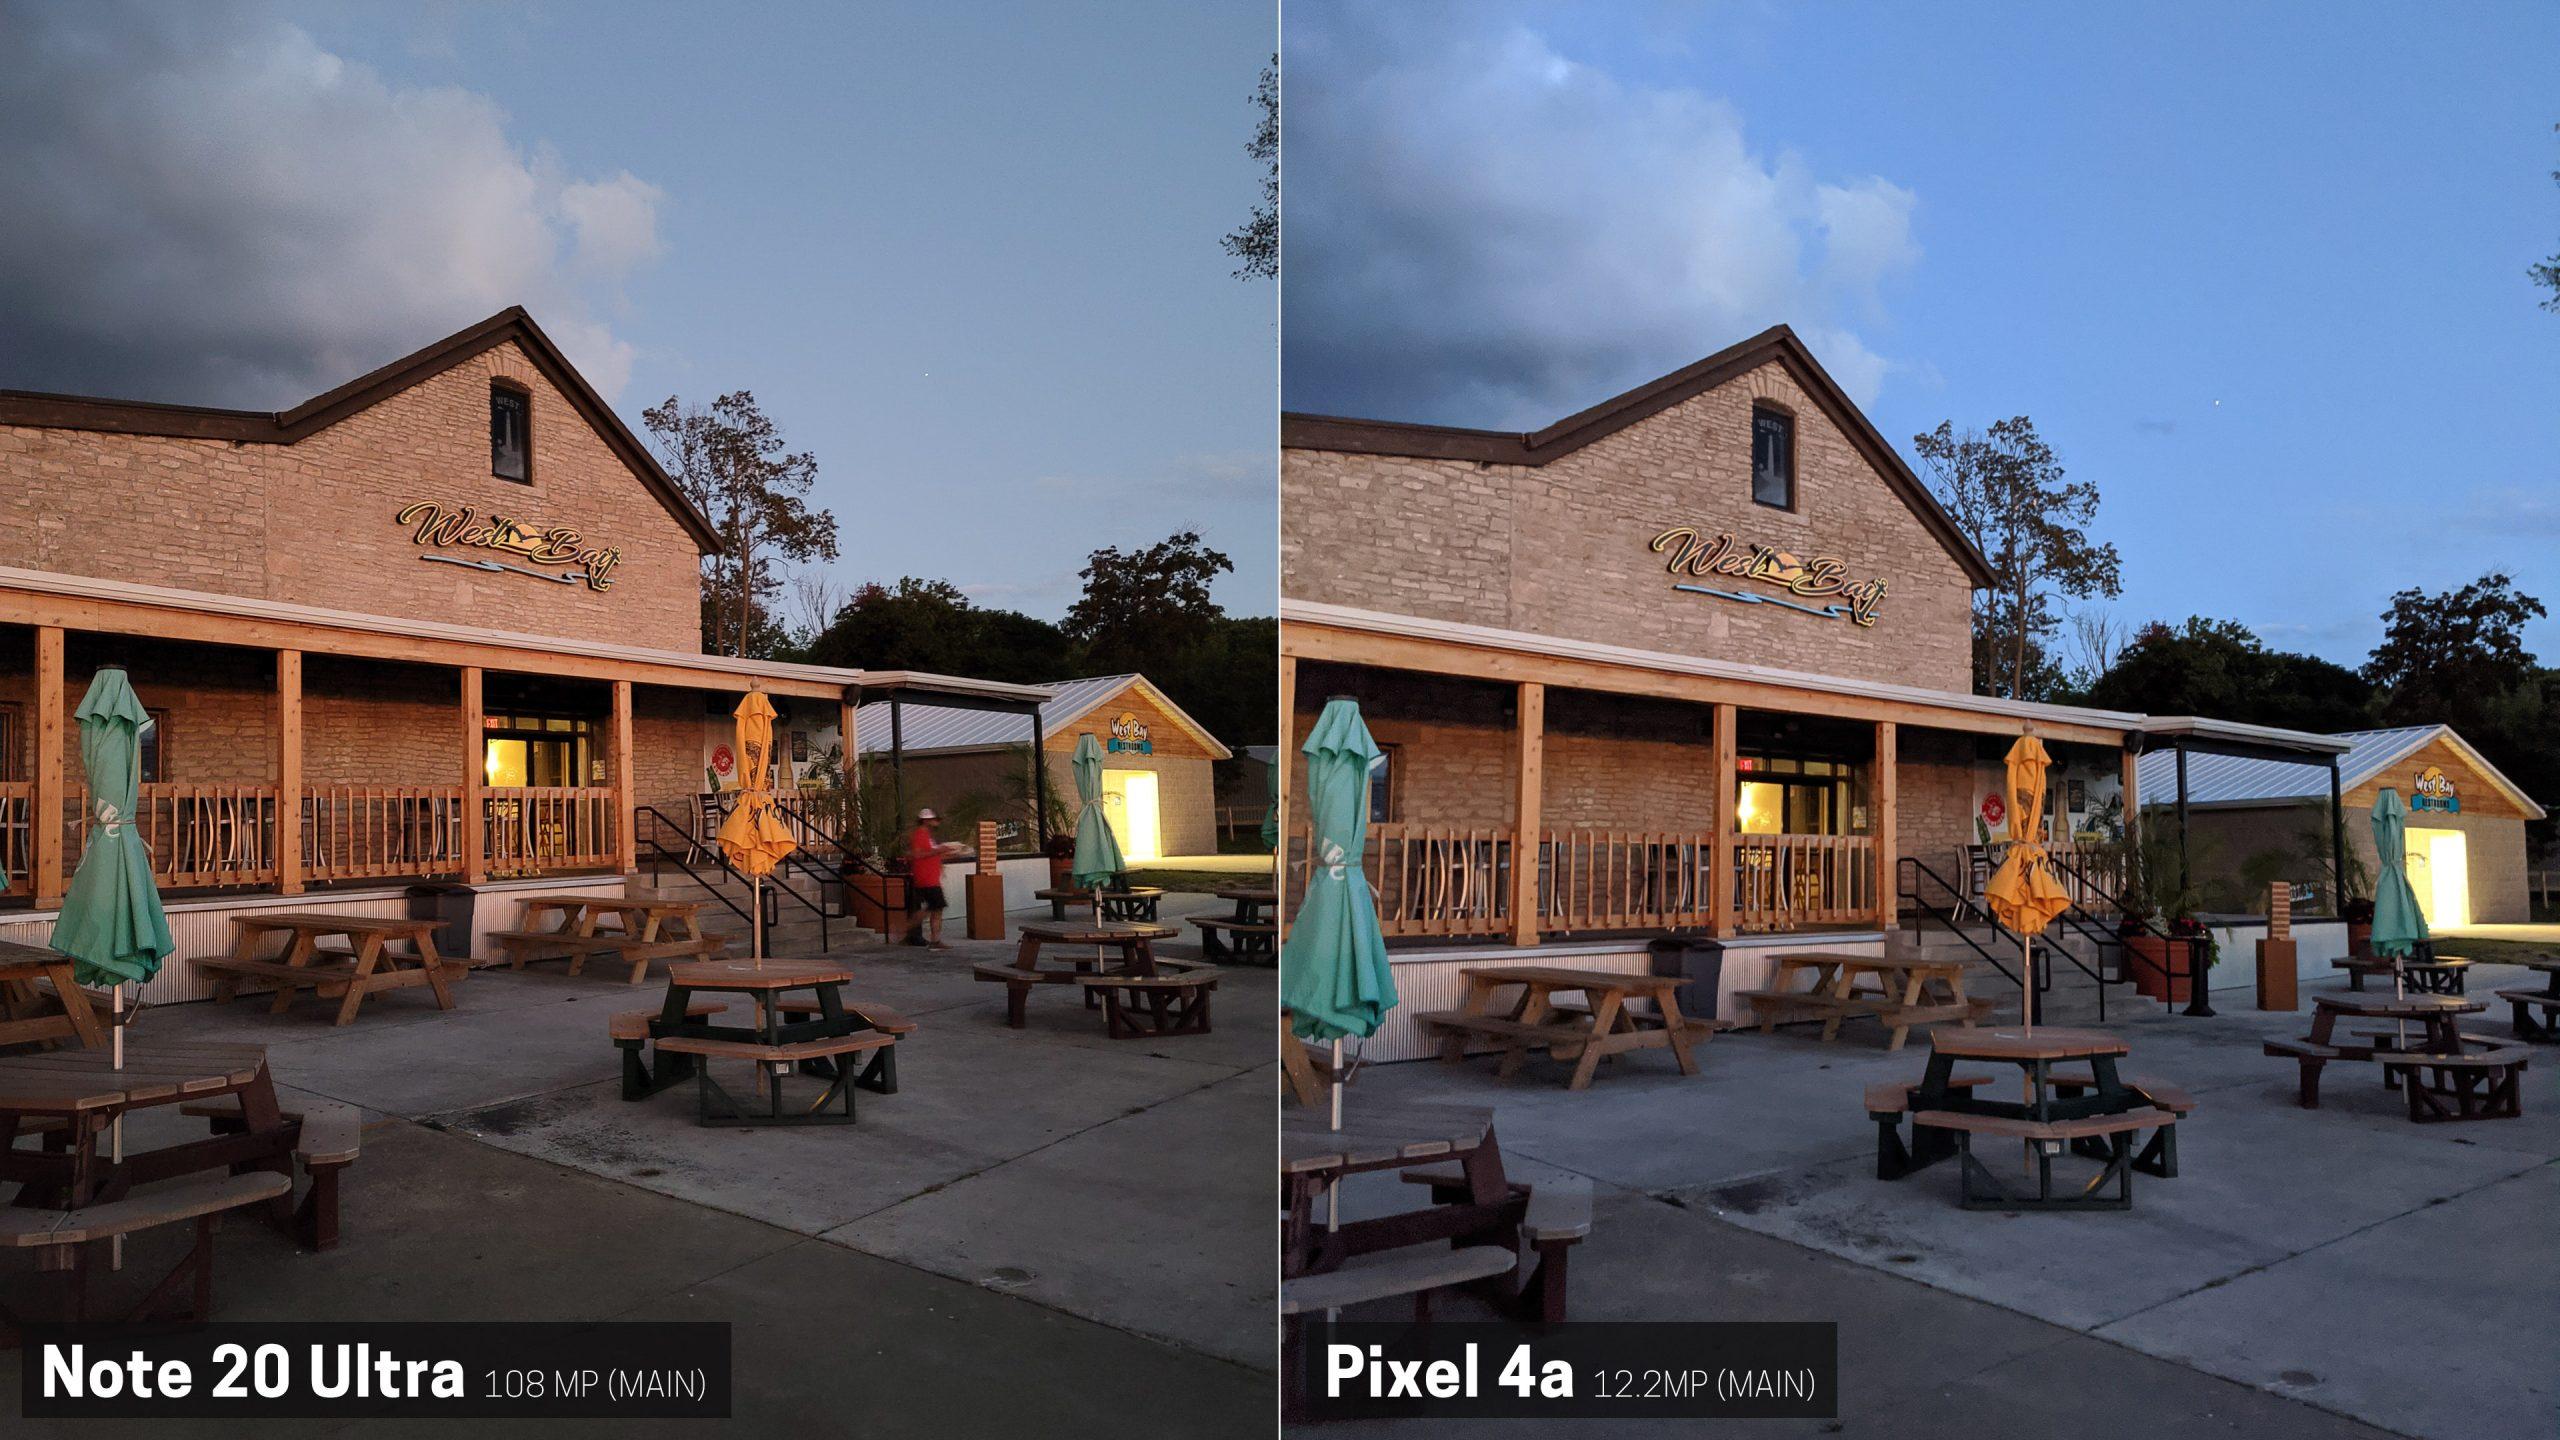 Pixel 4a versus Galaxy Note 20 ultra camera comparison ...